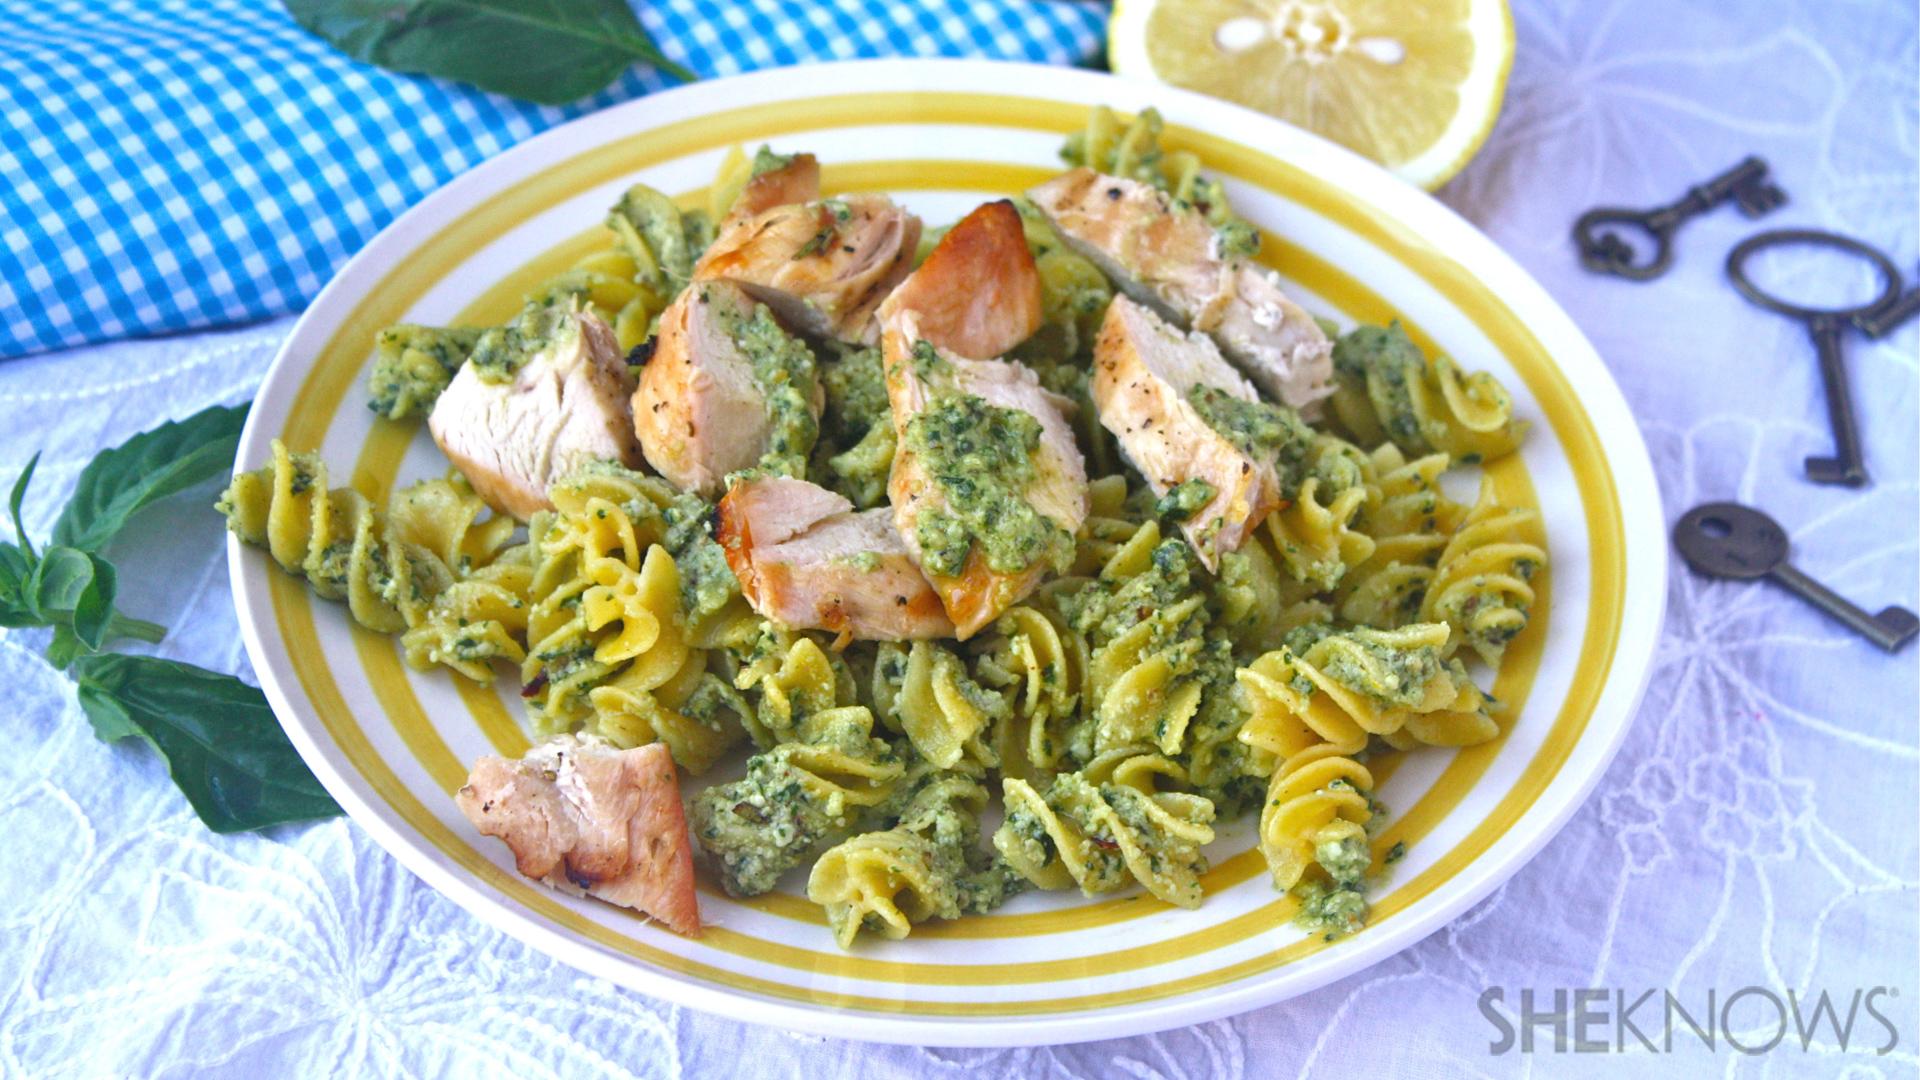 Gluten-free spicy lemon-pesto pasta with chicken